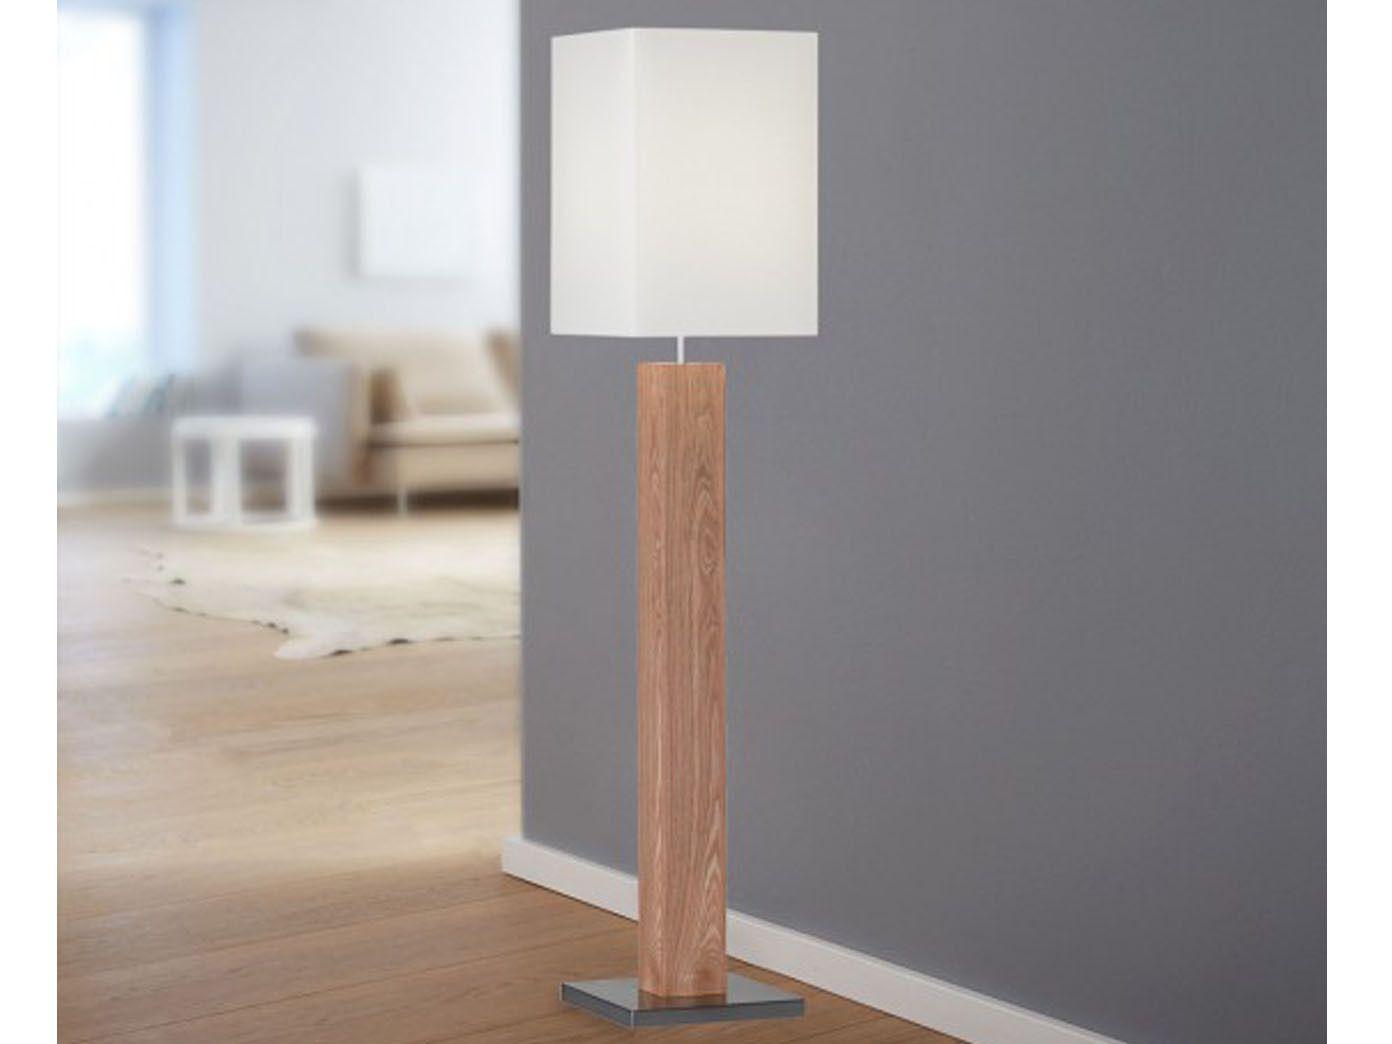 Full Size of Tischlampe Wohnzimmer Bogenlampe Esstisch Großes Bild Deckenlampe Stehlampe Lampen Schlafzimmer Bilder Fürs Led Beleuchtung Deckenlampen Für Massivholz Wohnzimmer Wohnzimmer Lampe Holz